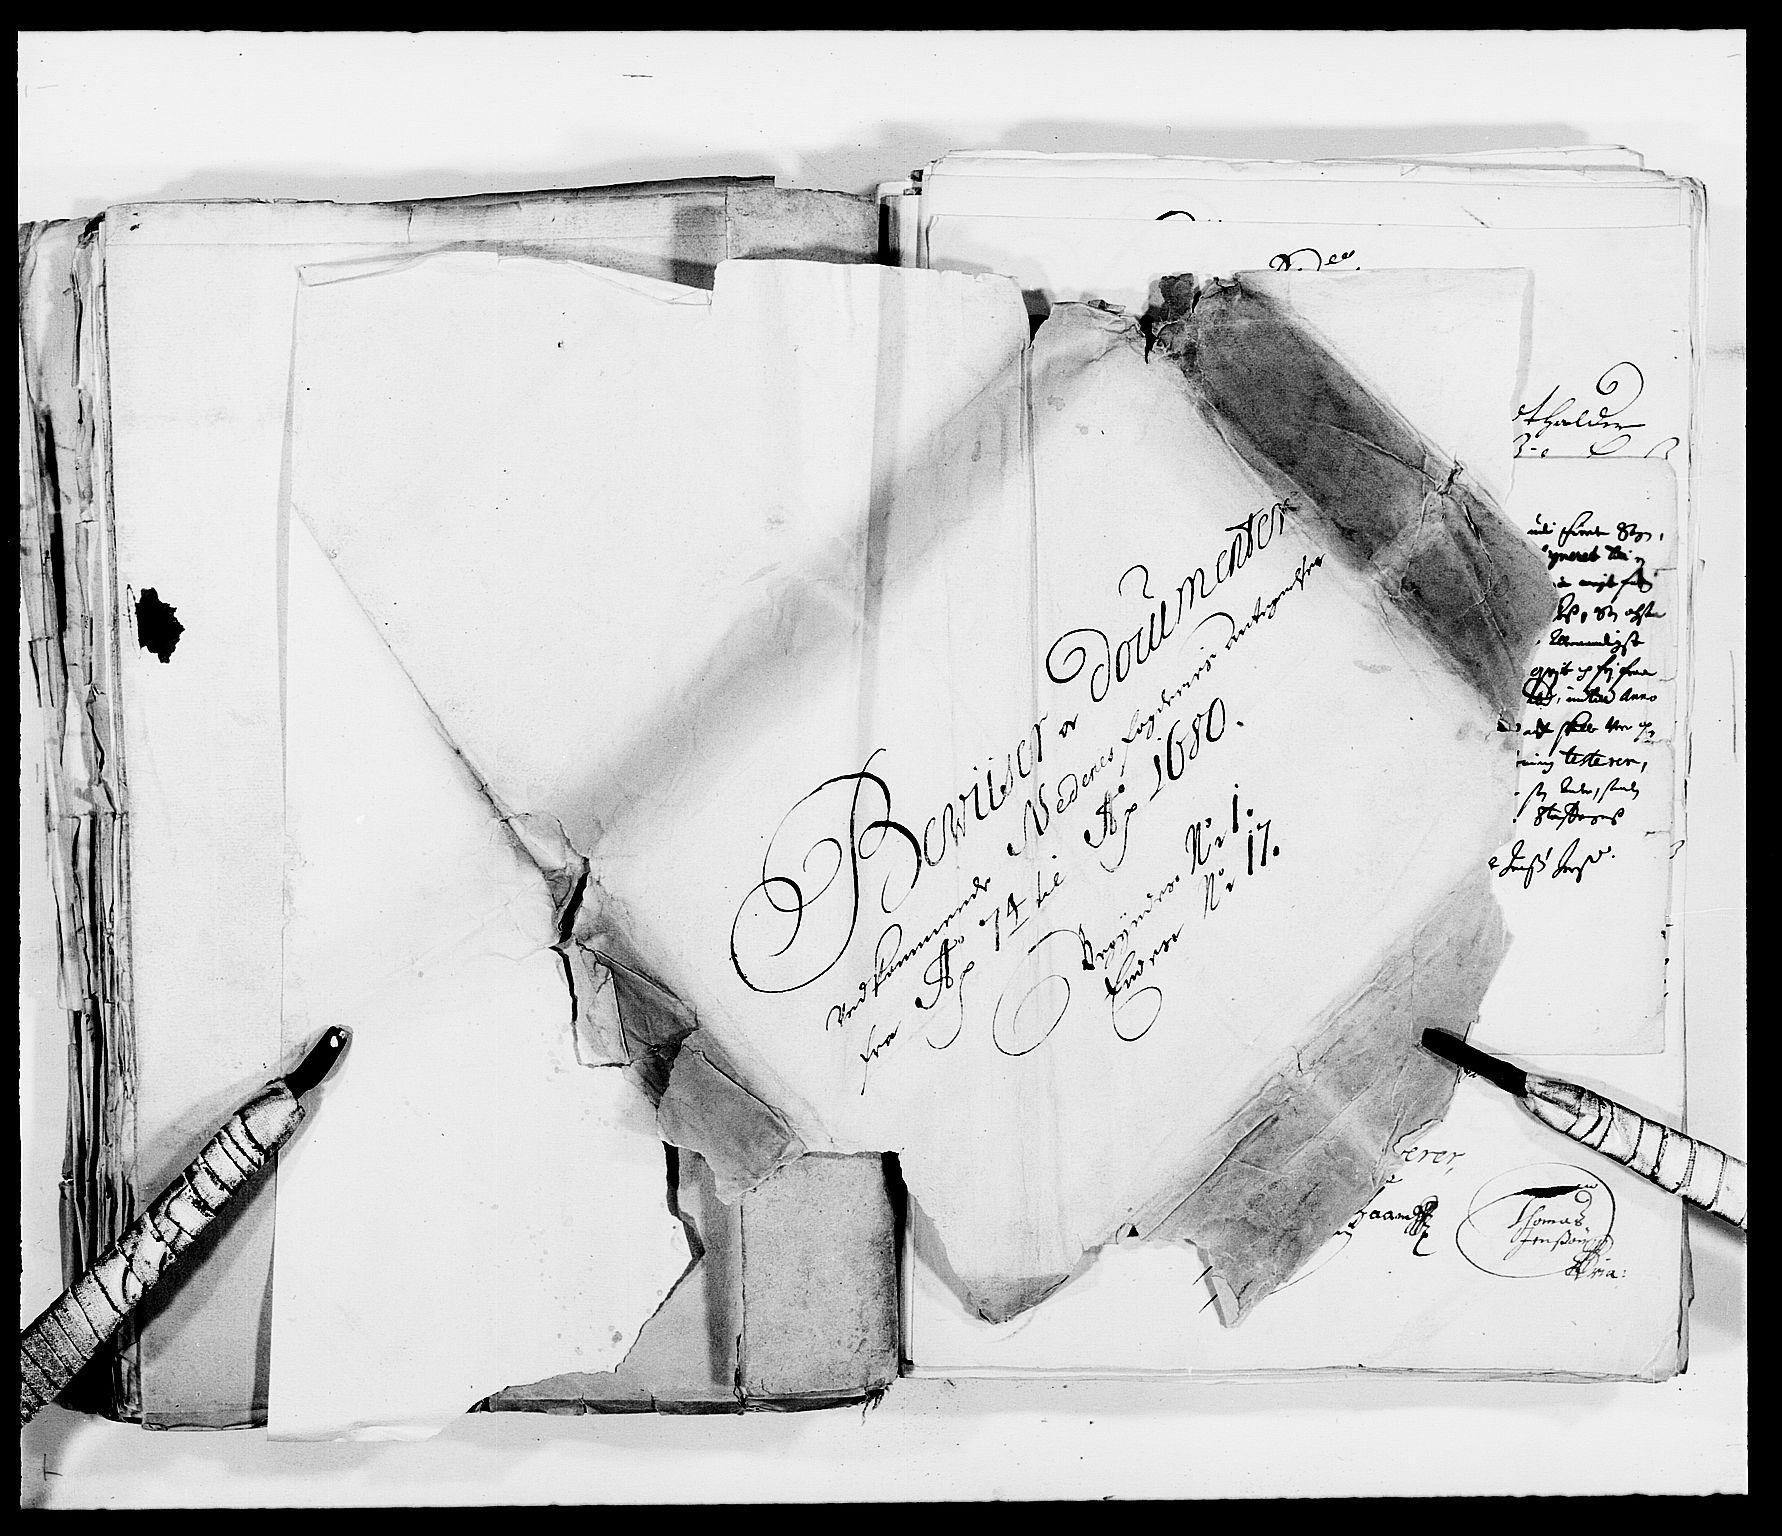 RA, Rentekammeret inntil 1814, Reviderte regnskaper, Fogderegnskap, R39/L2306: Fogderegnskap Nedenes, 1680-1683, s. 219